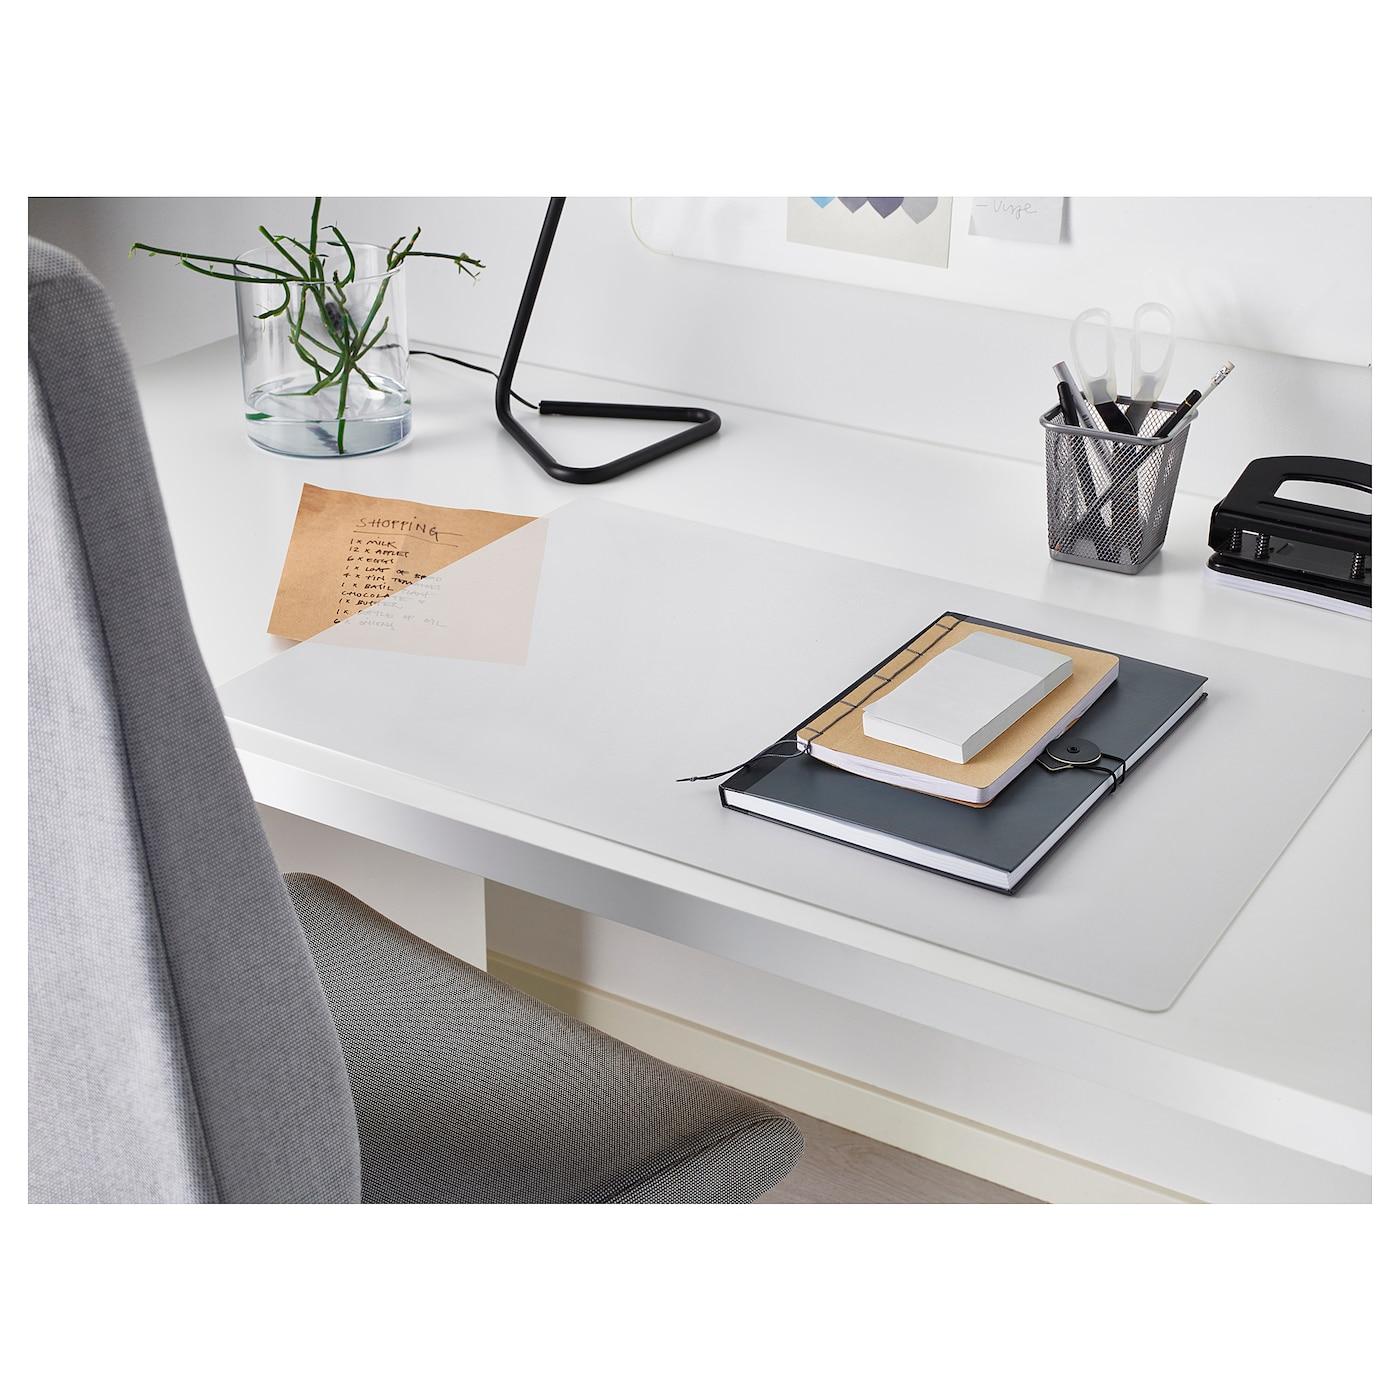 SKVALLRA Schreibunterlage, weiß/transparent, 38x58 cm